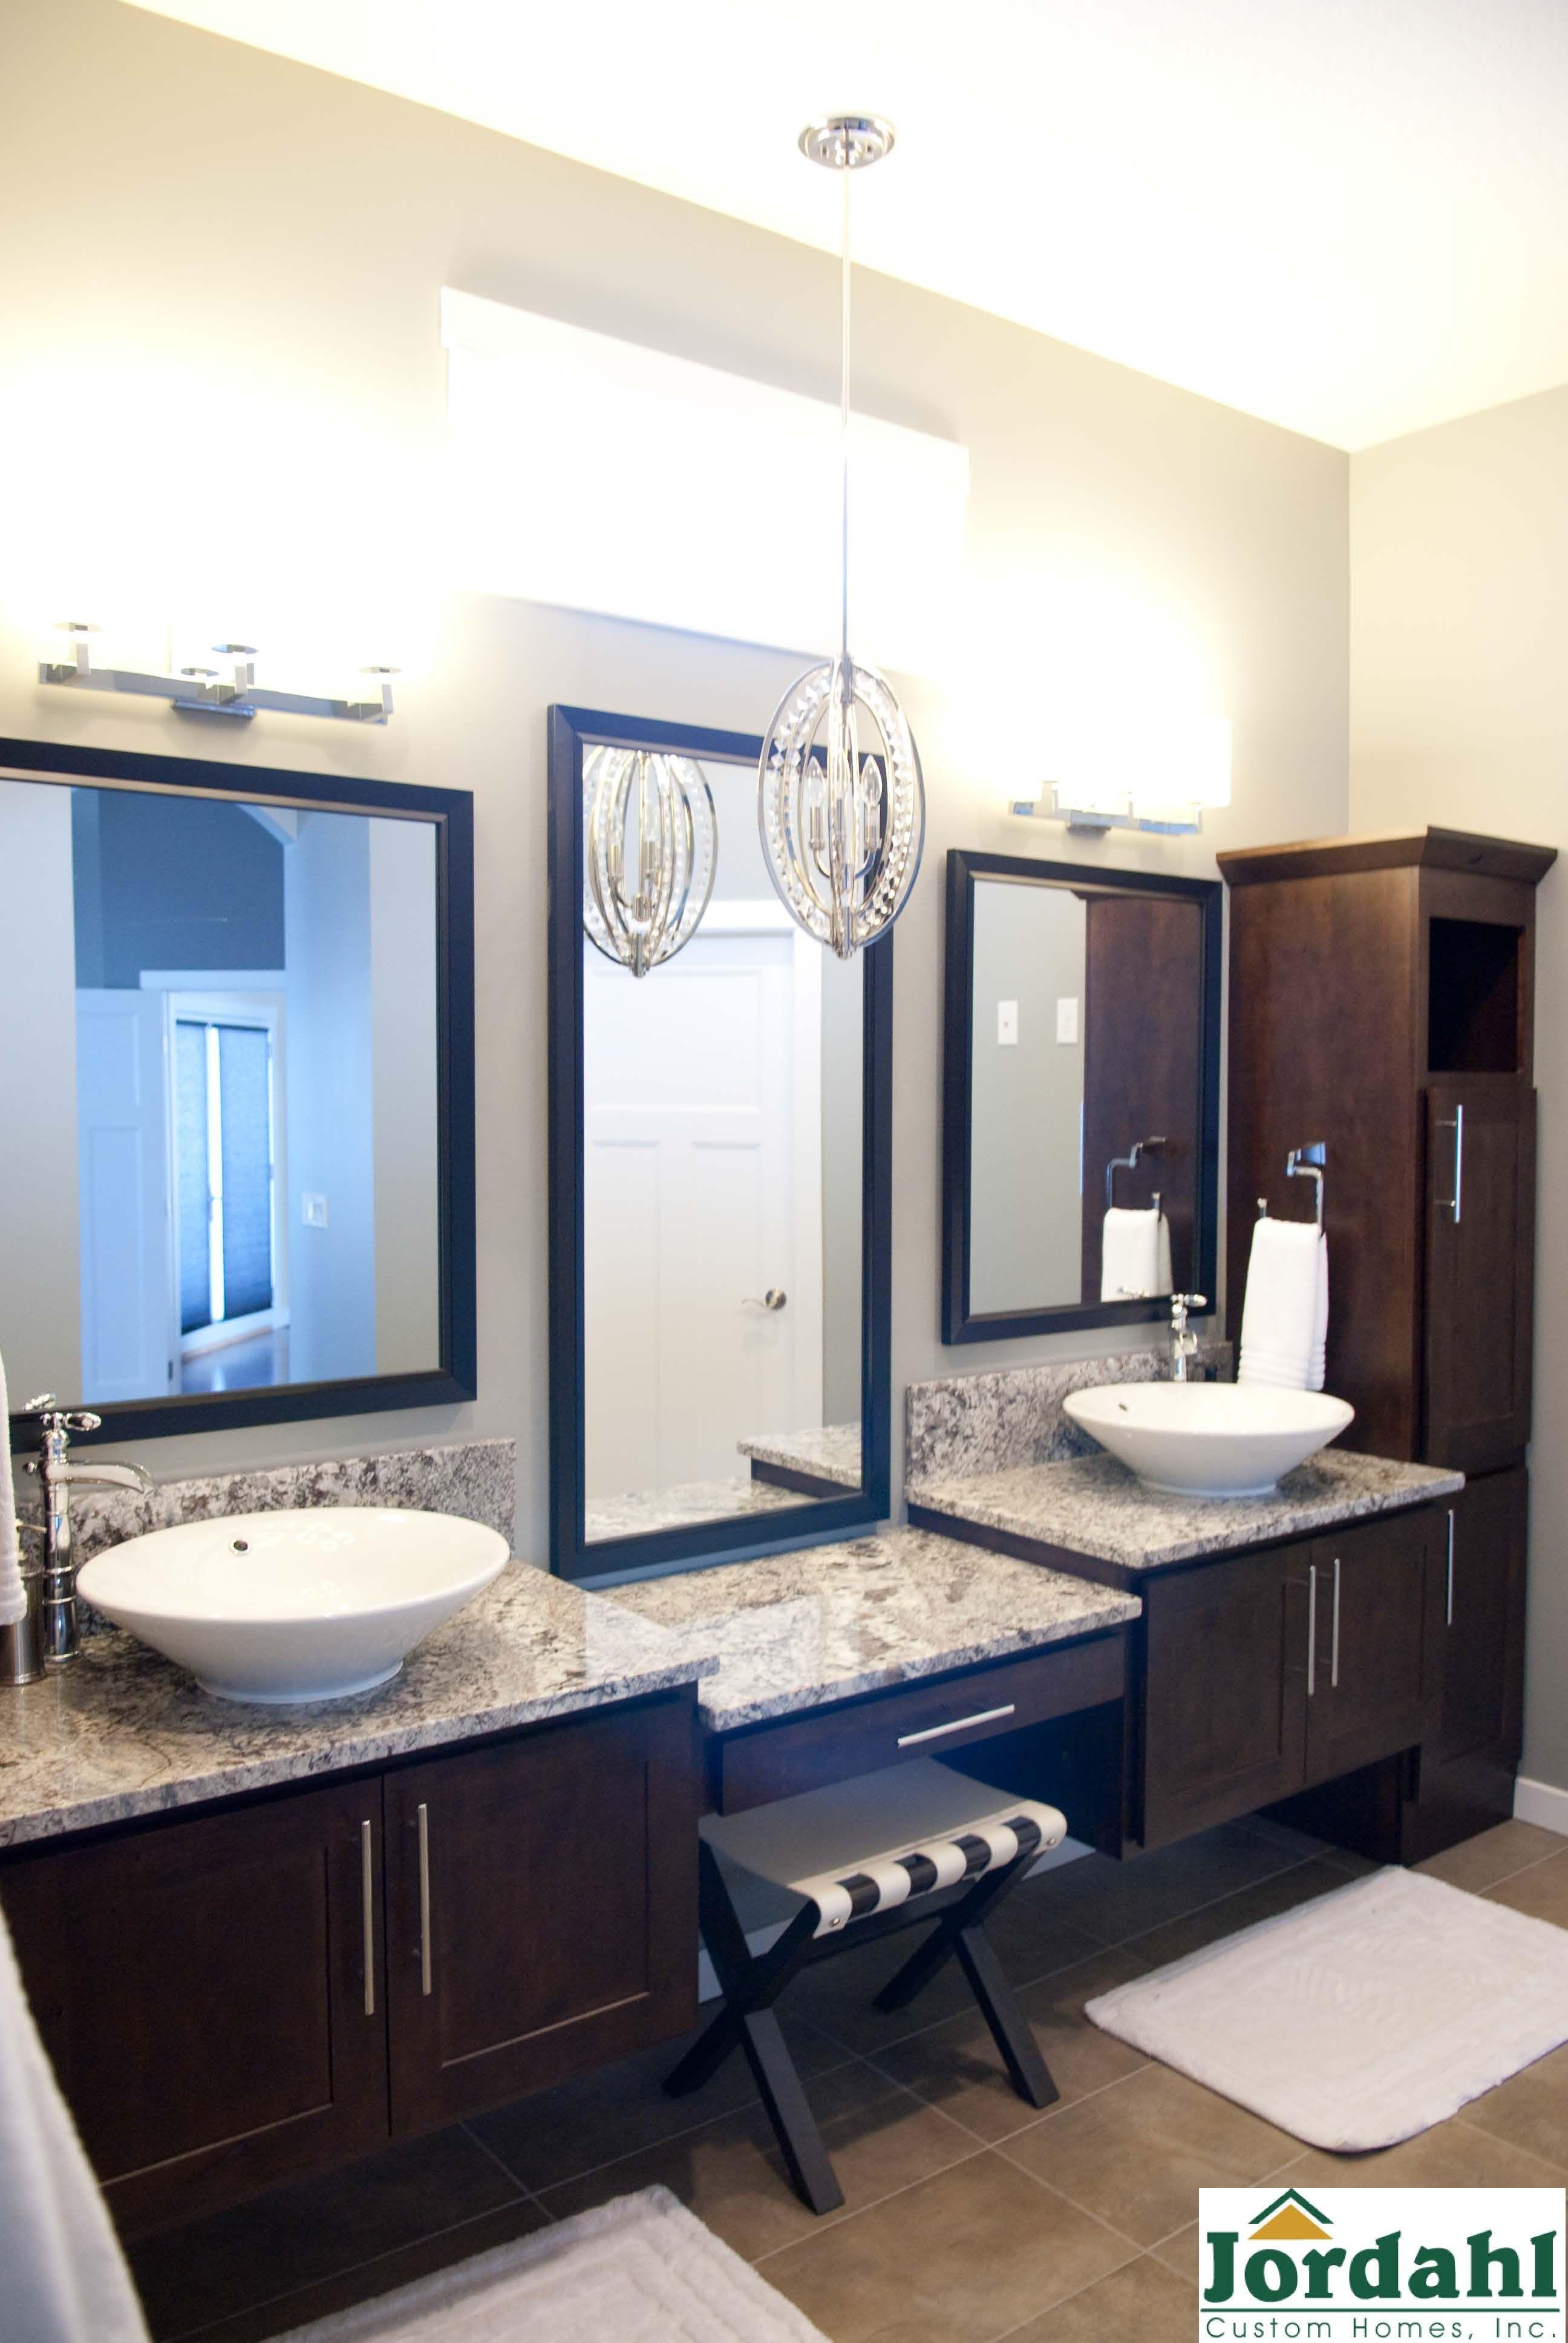 Your Style Your Home Jordahl Custom Homes Bathroom Vanity Designs Master Bathroom Vanity Vanity Design